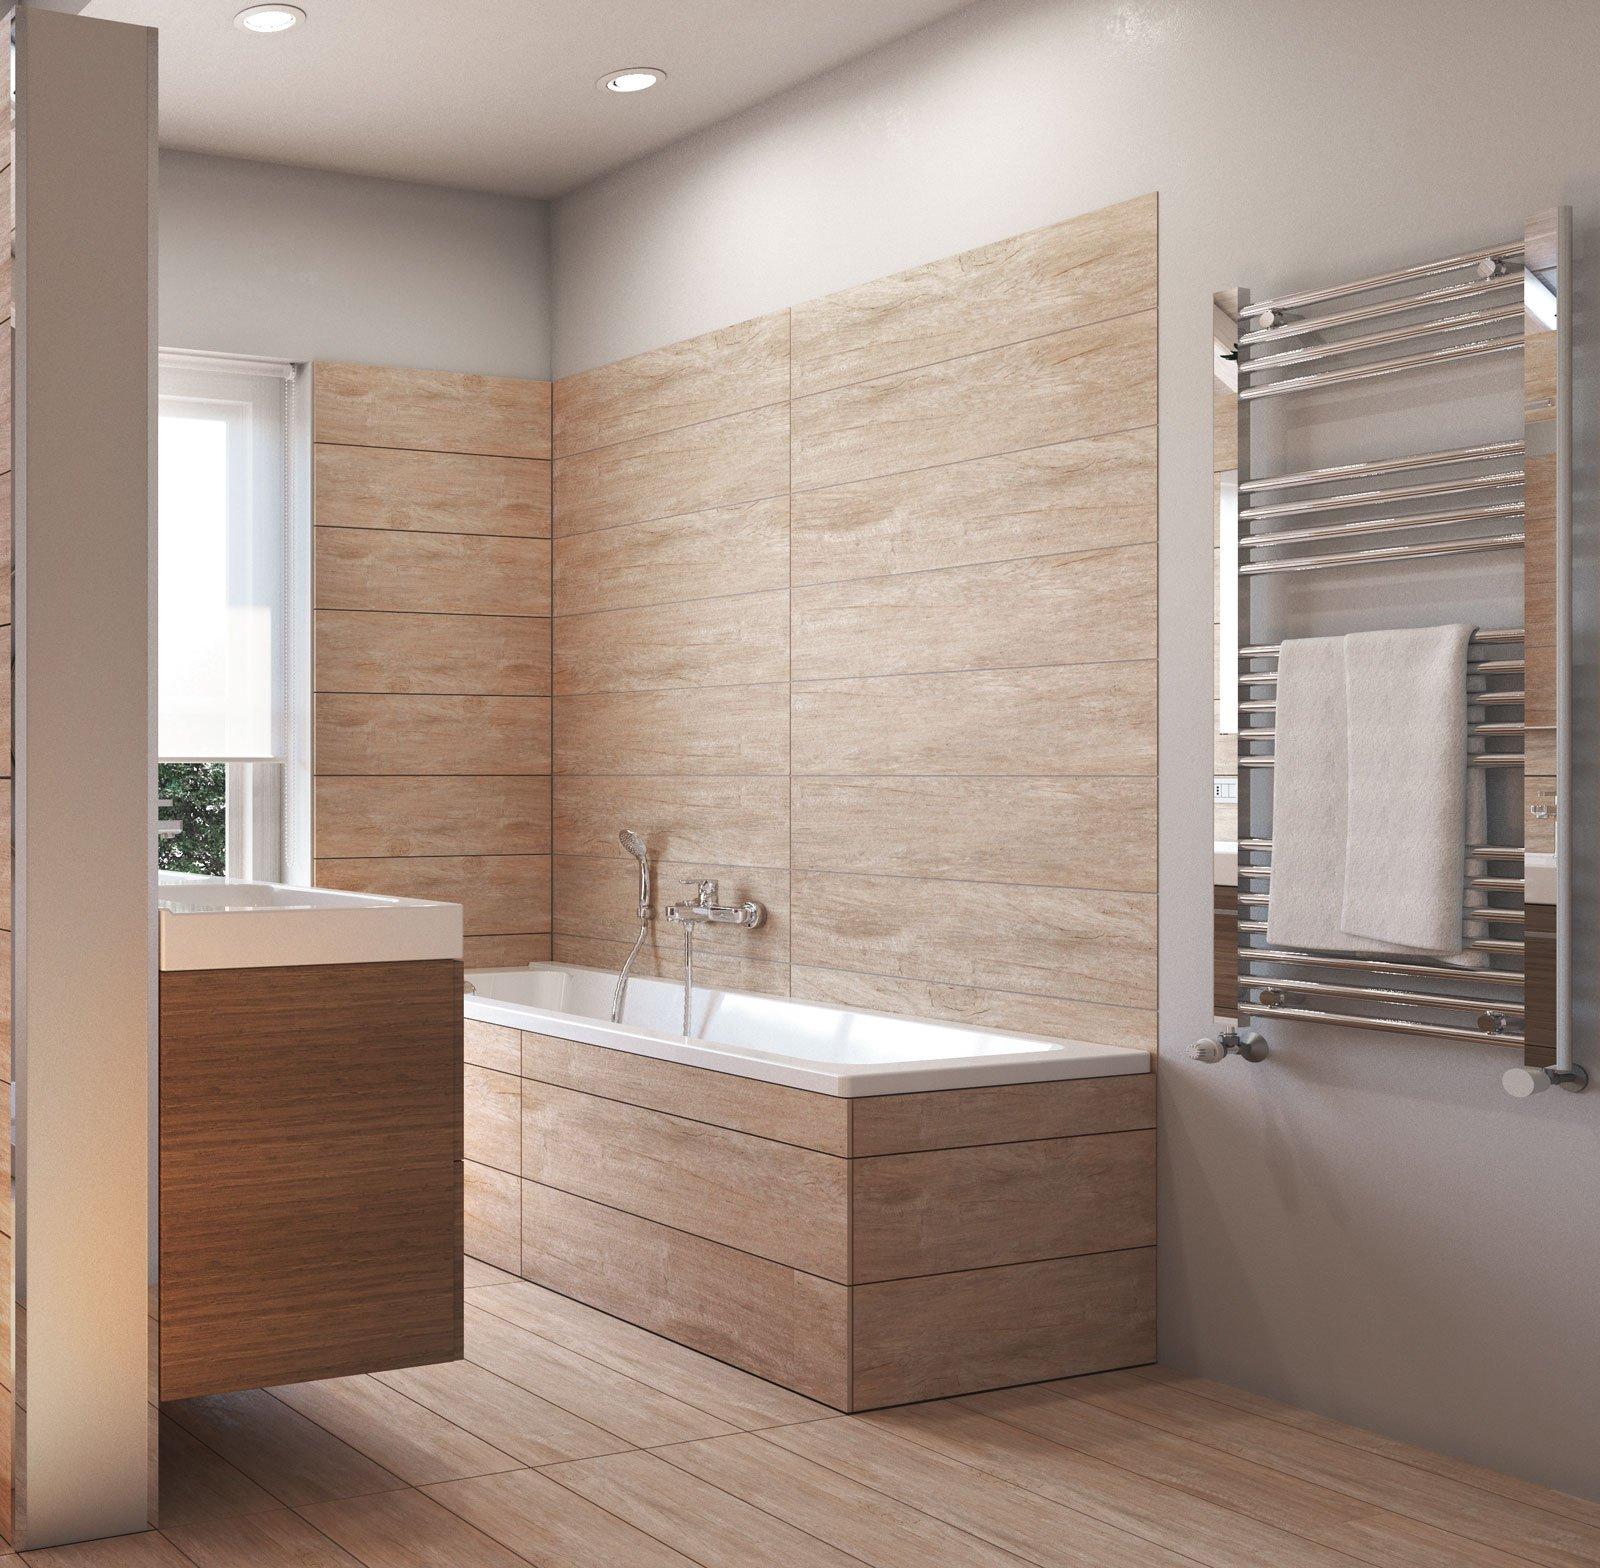 Da vasca a doccia un bagno nuovo su misura cose di casa - Lucidare vasca da bagno vetroresina ...